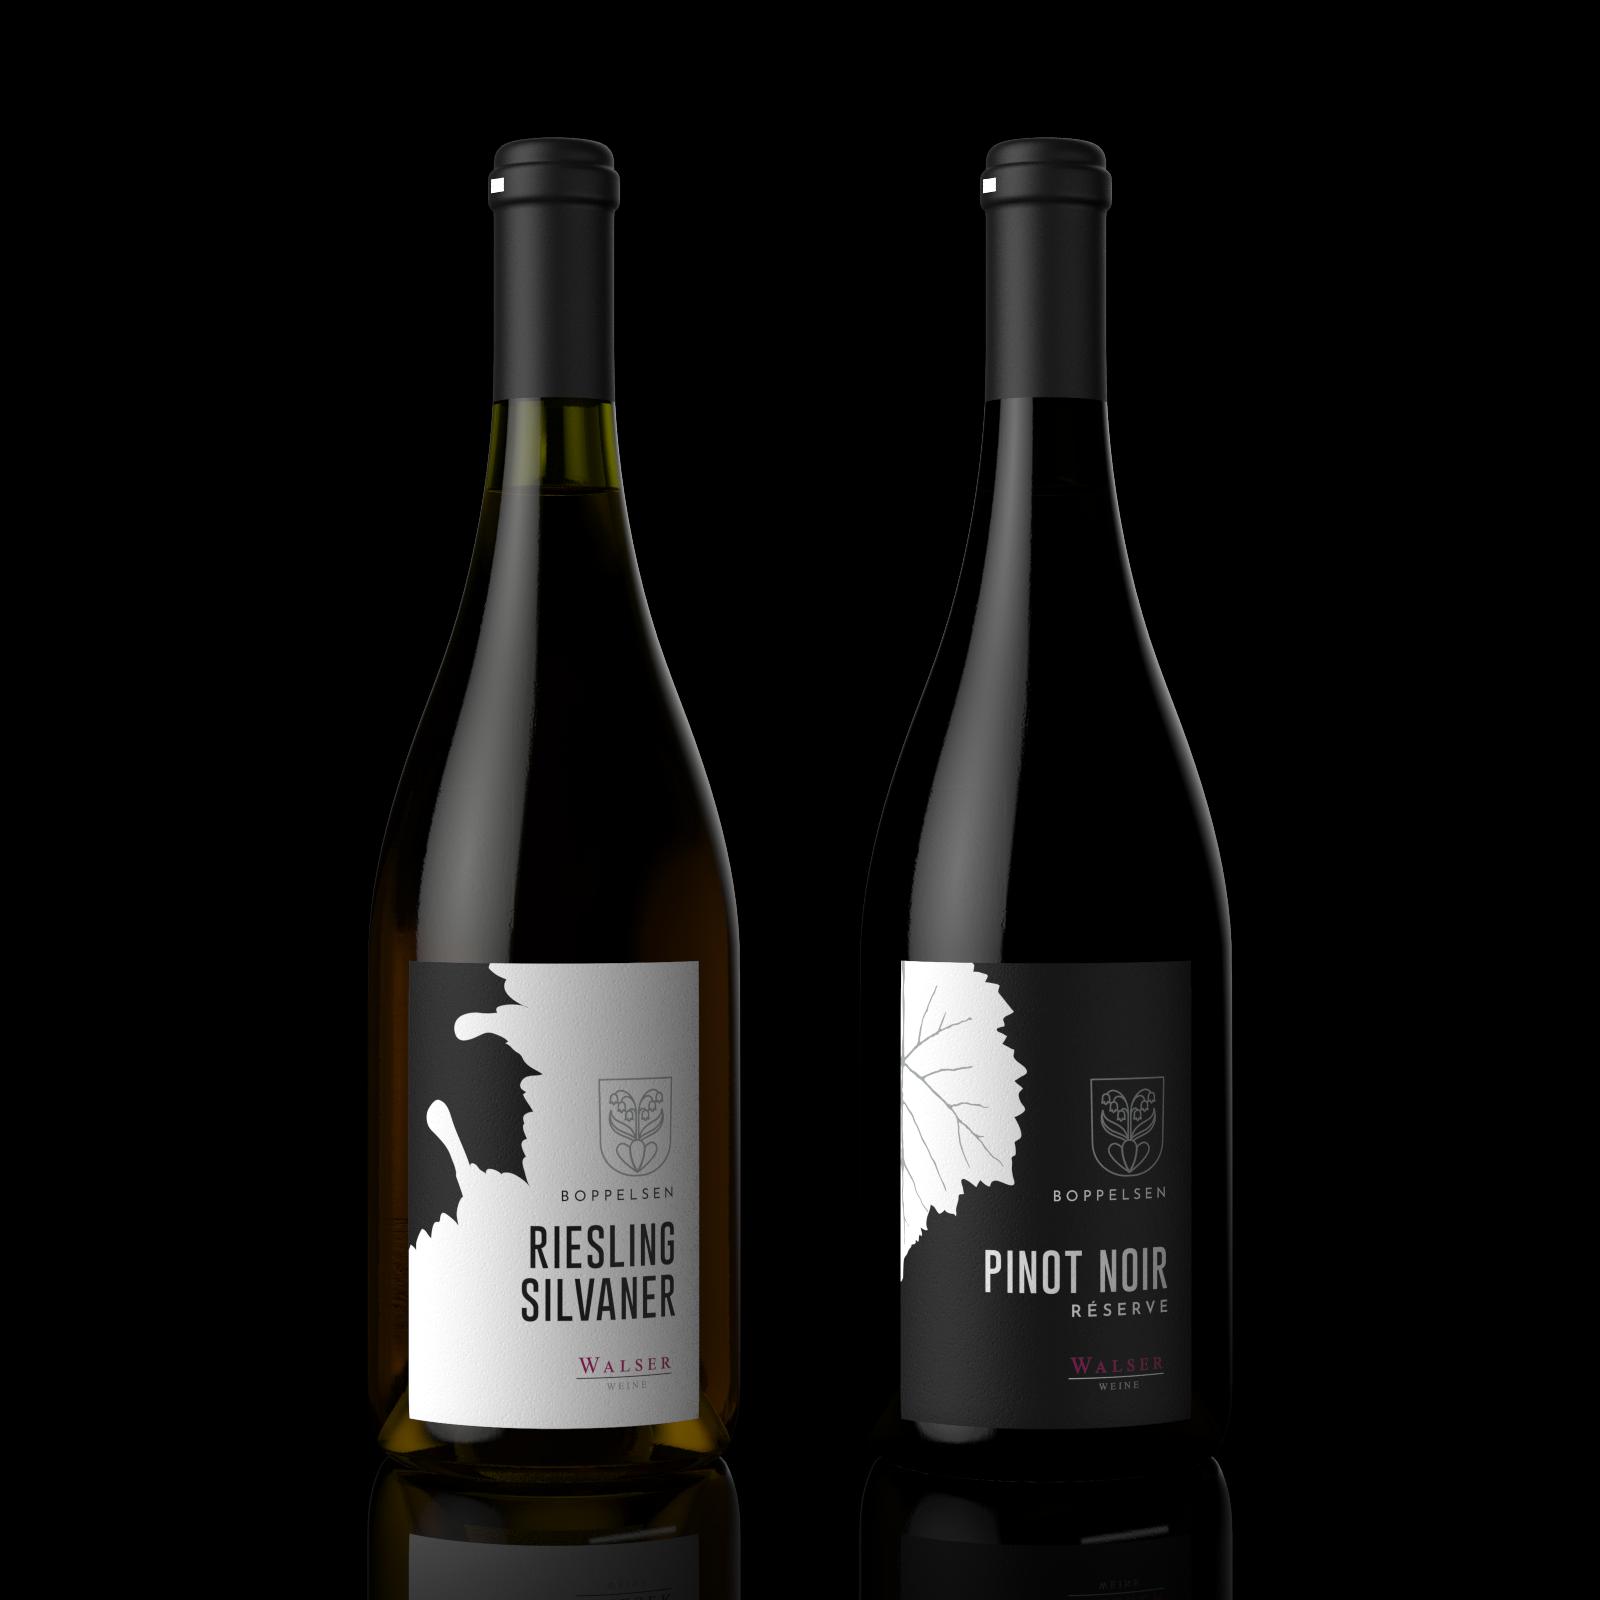 Walser Weine | The Second Wine Label Design